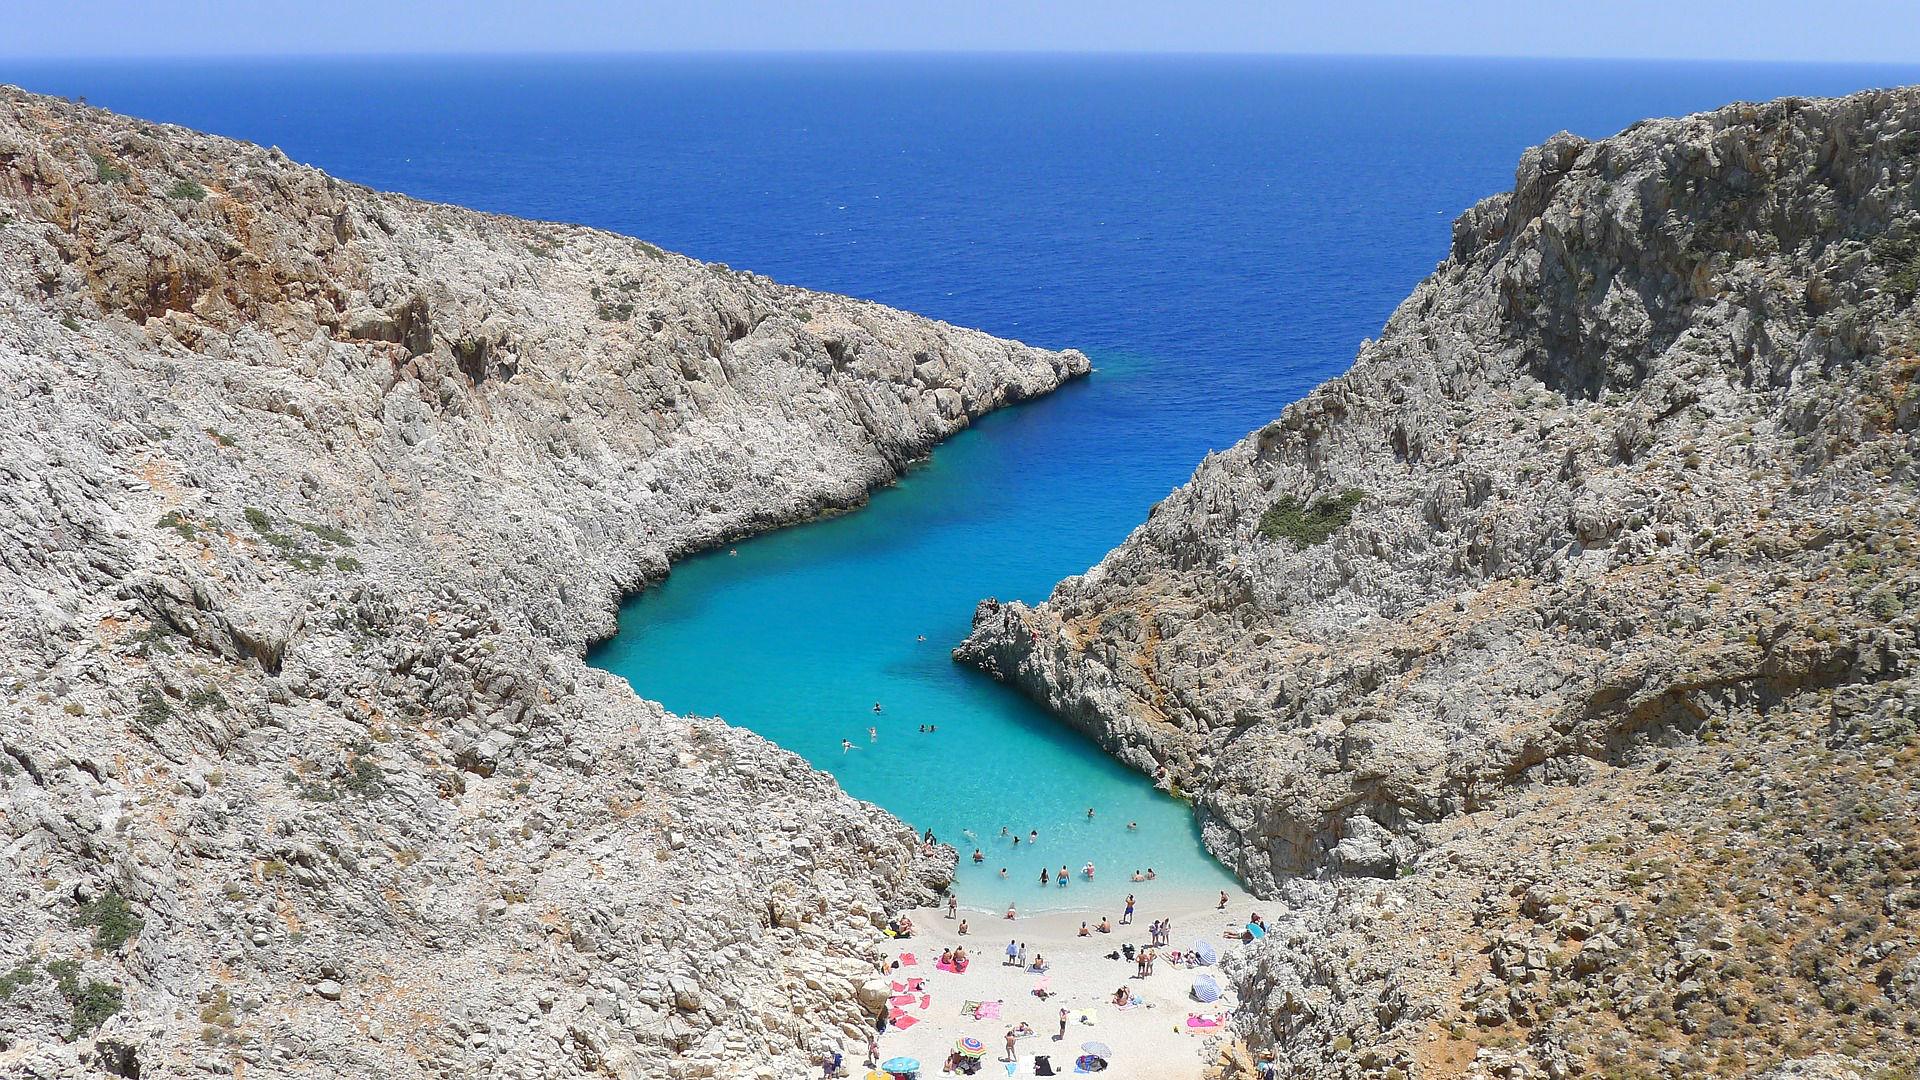 Kreta mit Blick auf das türkisblaue Meer